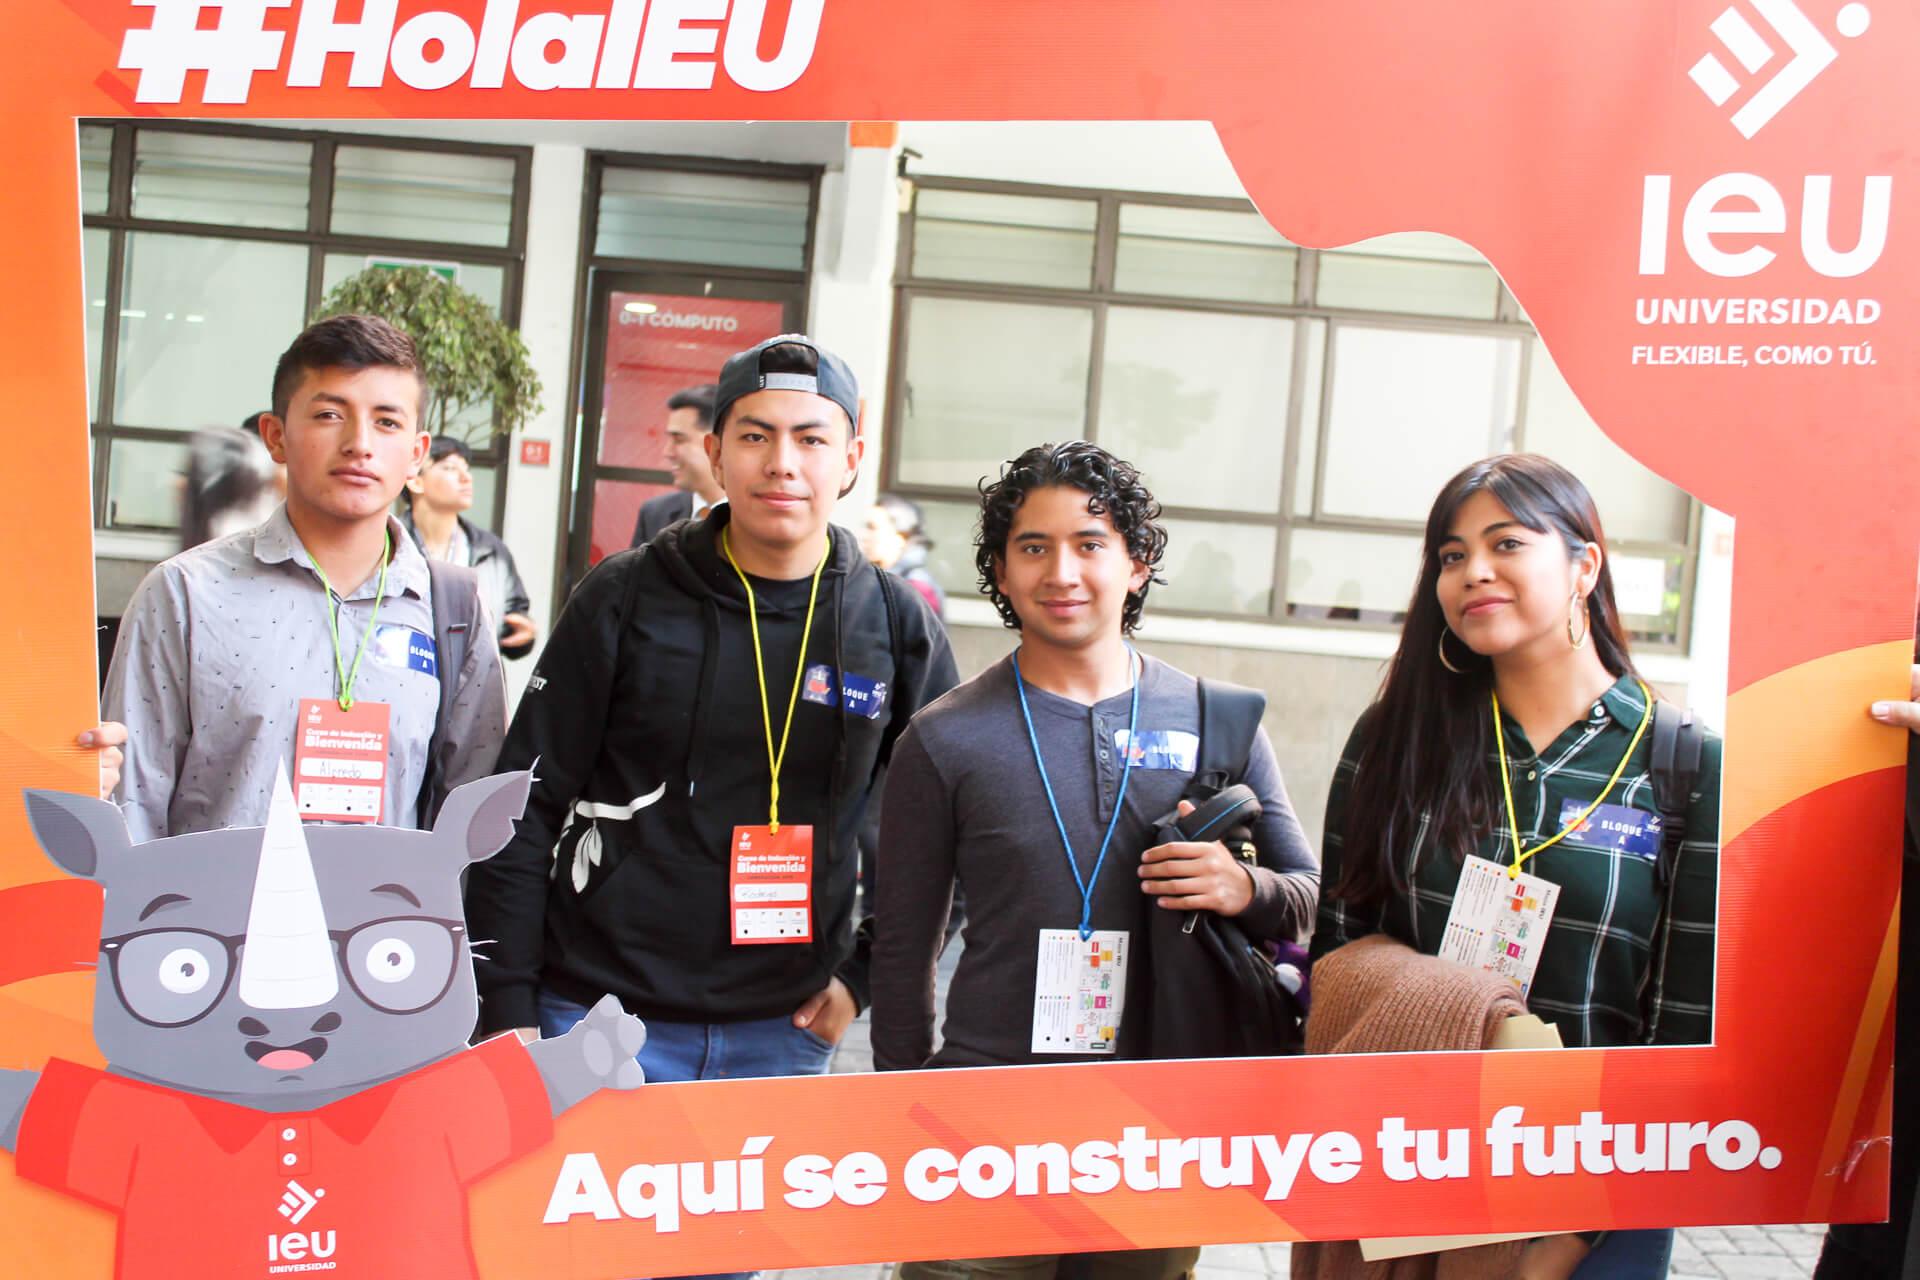 Universidad Ieu Da La Bienvenida A Más De 1200 Alumnos De Licenciaturas 02